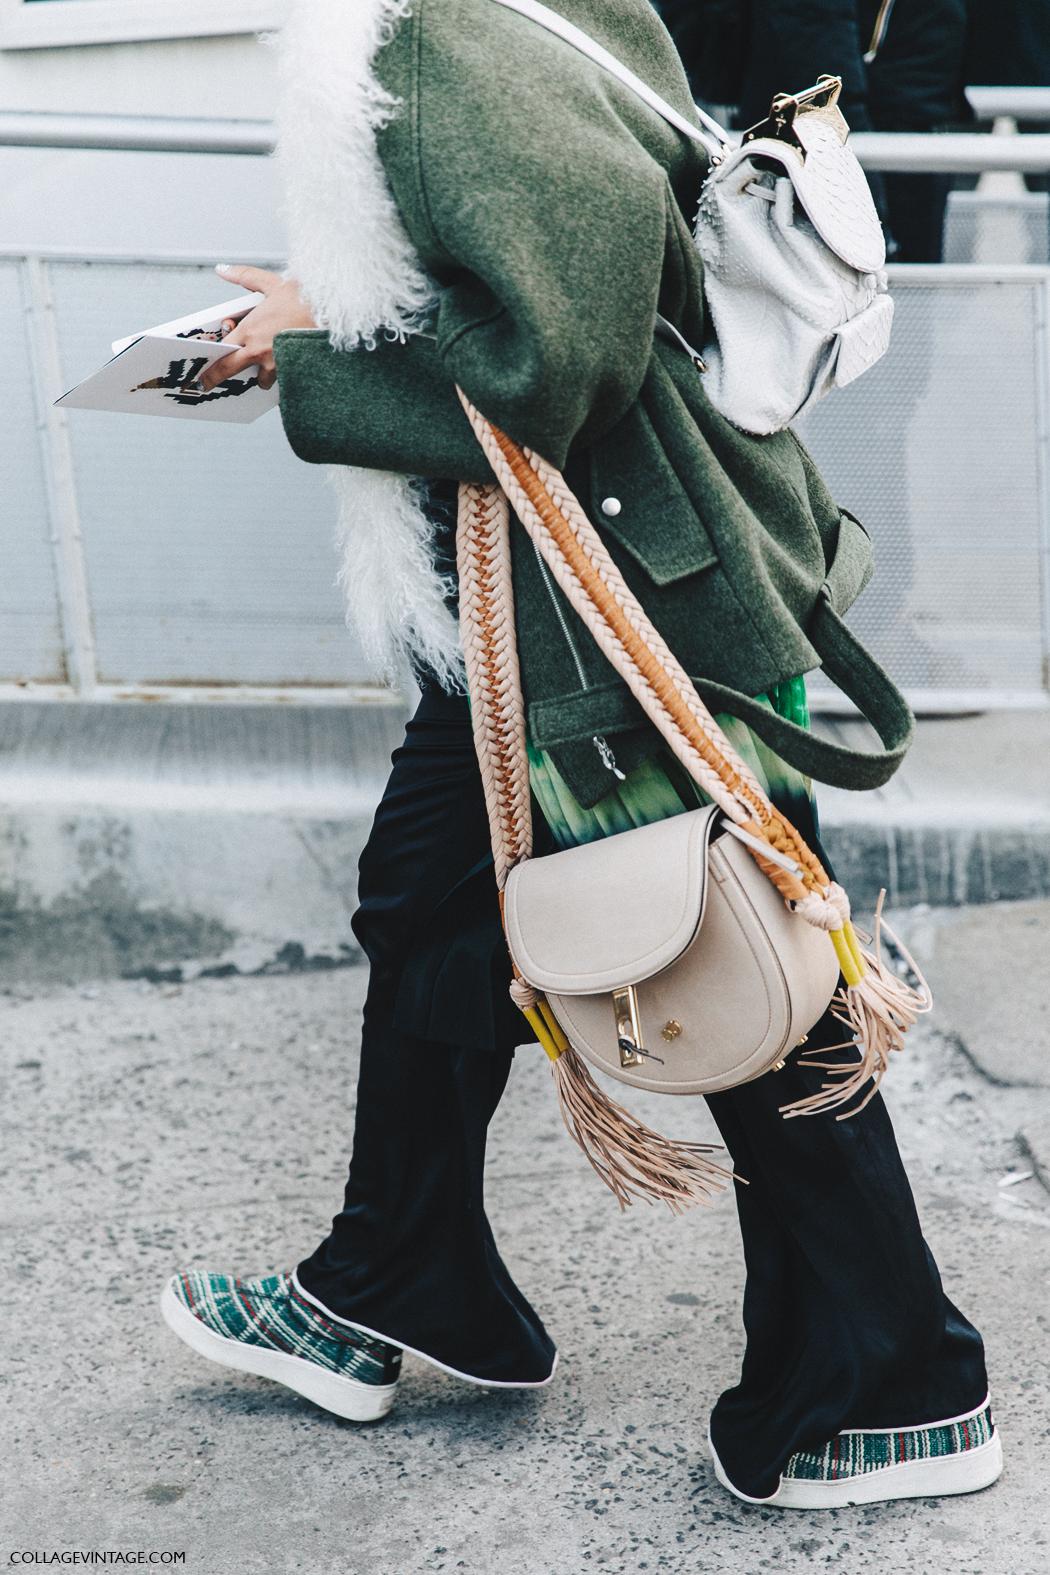 NYFW-New_York_Fashion_Week-Fall_Winter-17-Street_Style-Celine_Sneakers-Altuzarra_Bag-